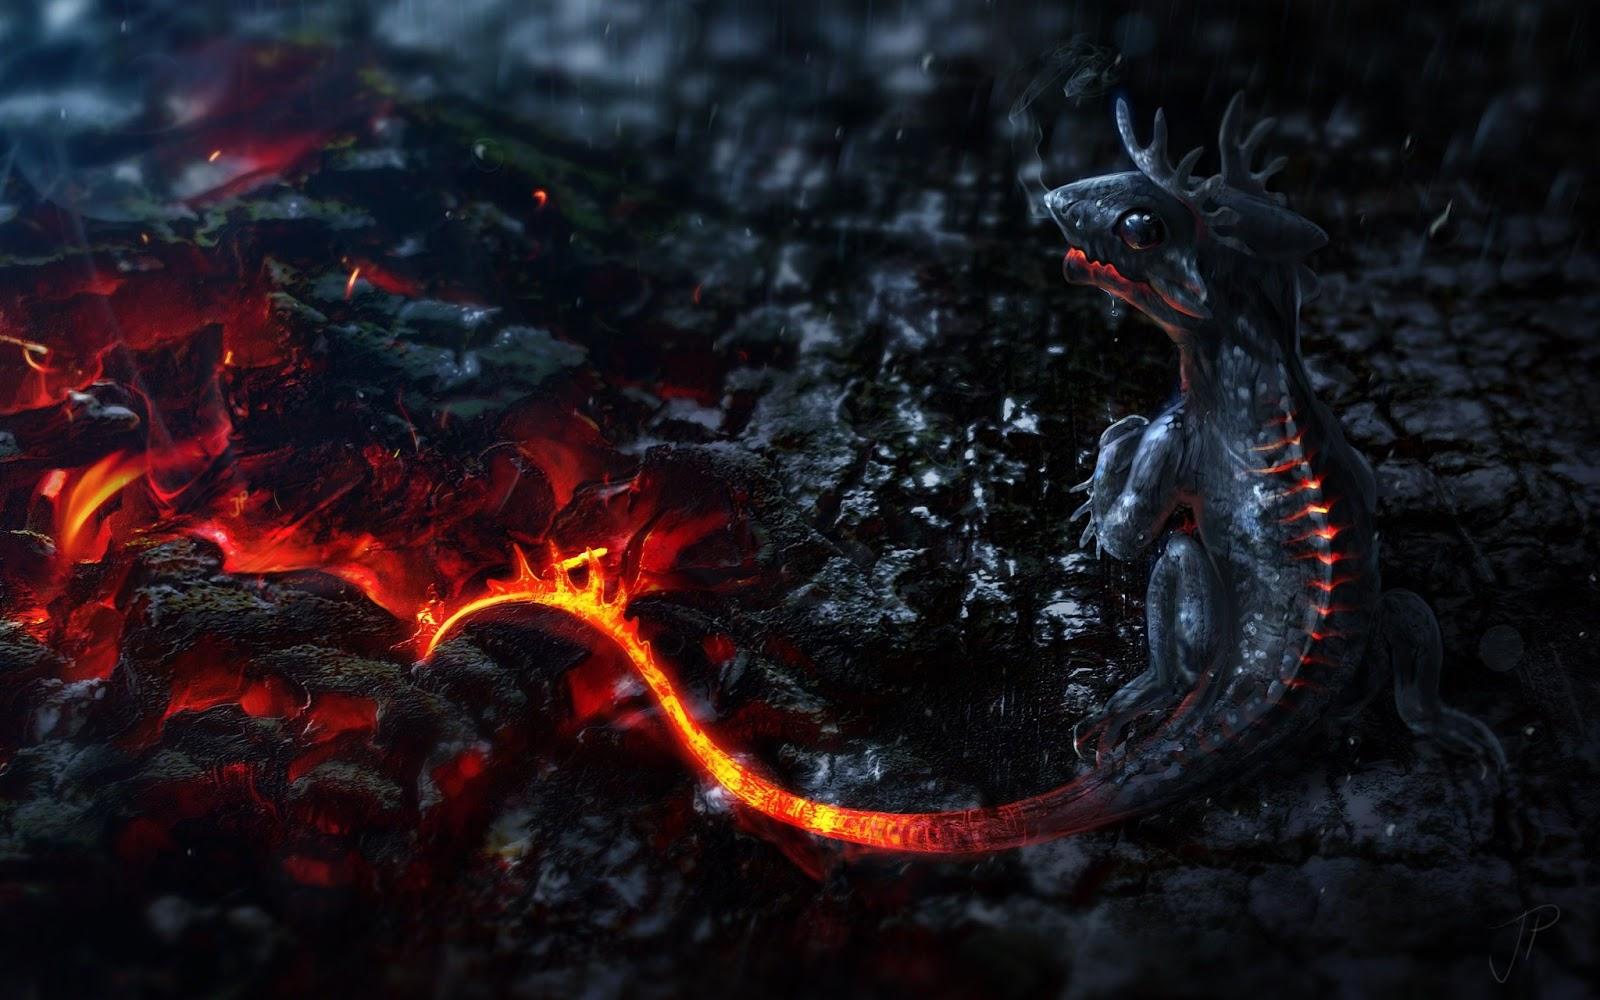 lava wallpaper - photo #28